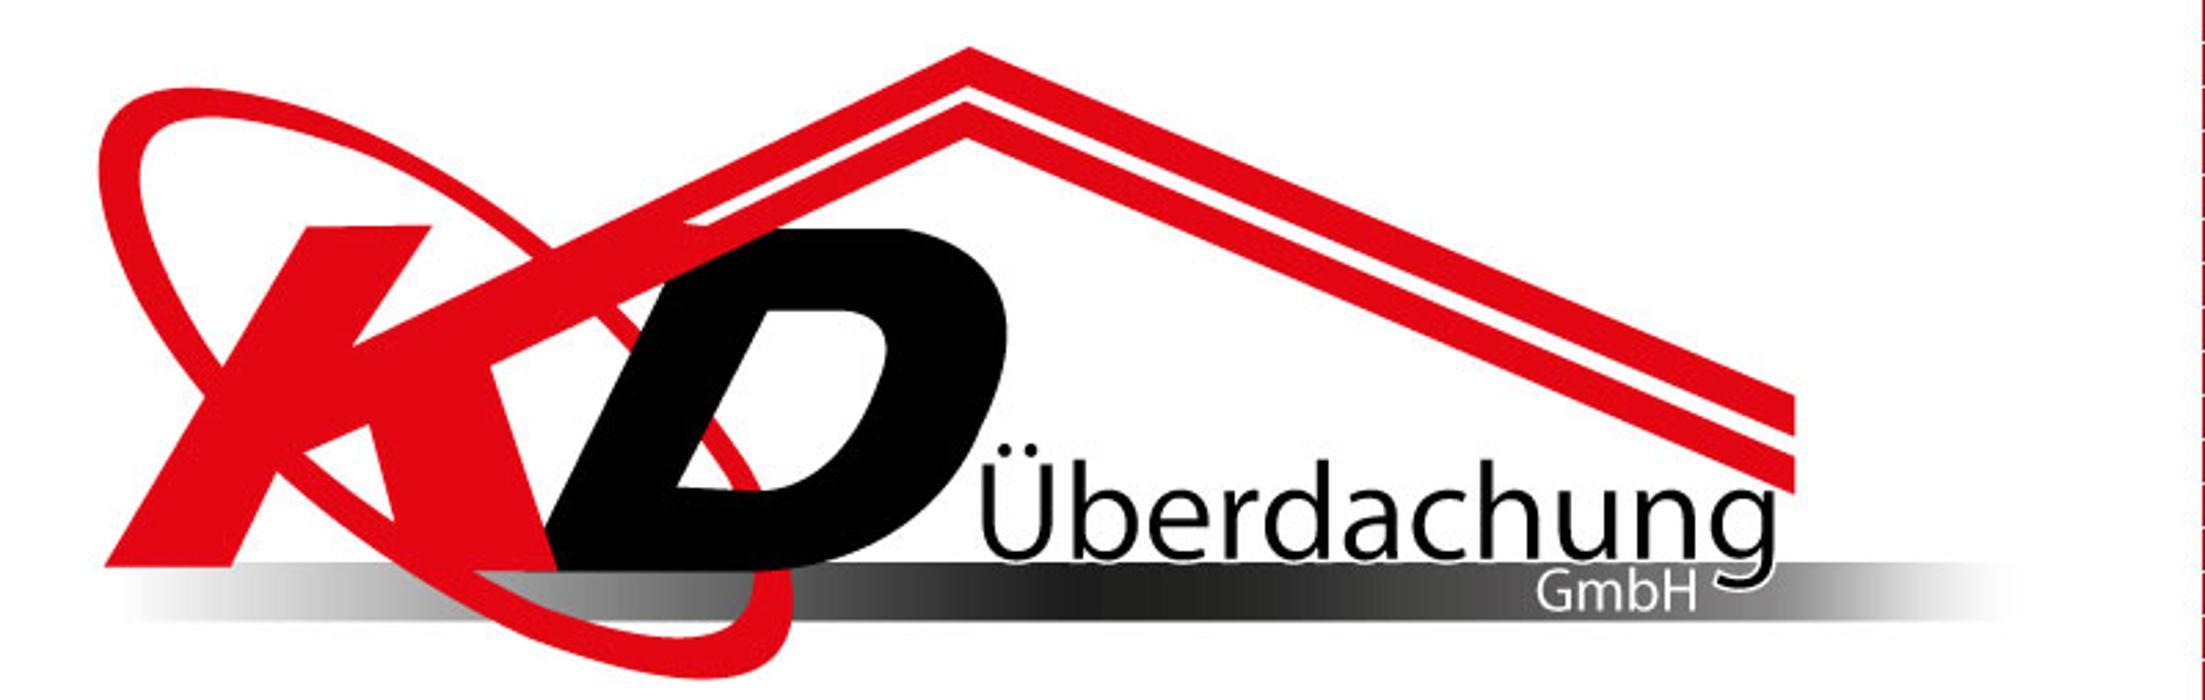 Bild zu KD Überdachung GmbH in Rüsselsheim